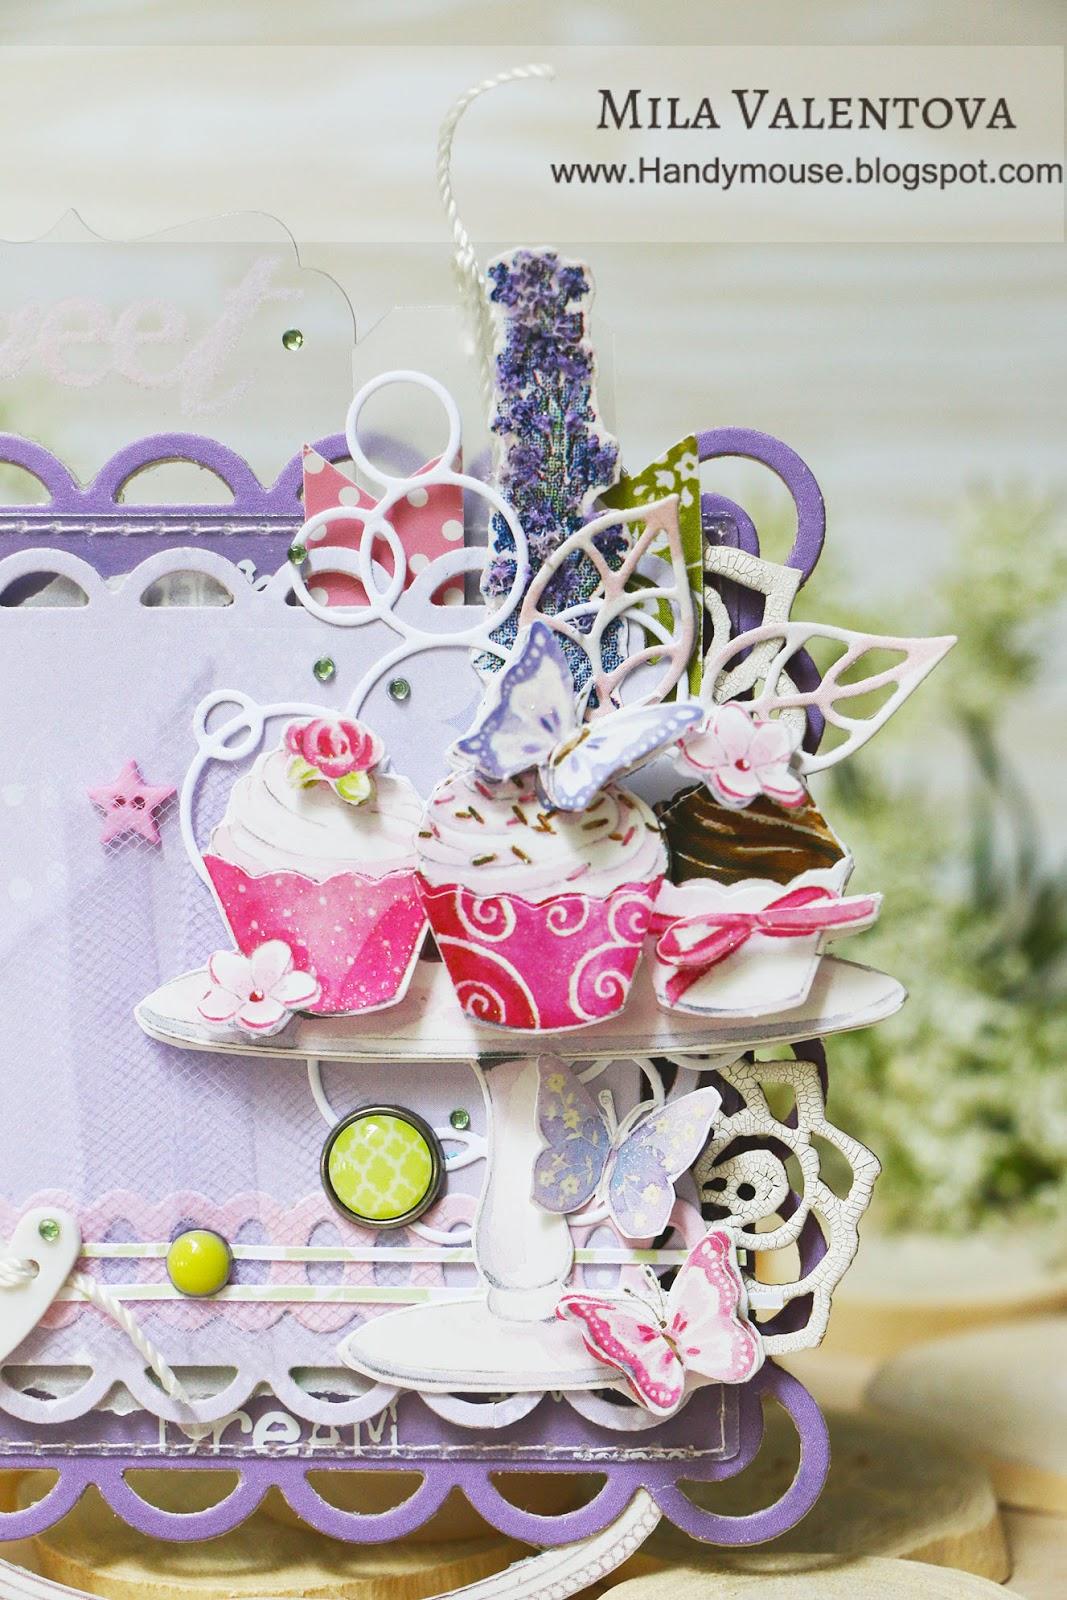 Магнит. Лавандовые цветы и сладости для милой девочки. Мила Валентова.